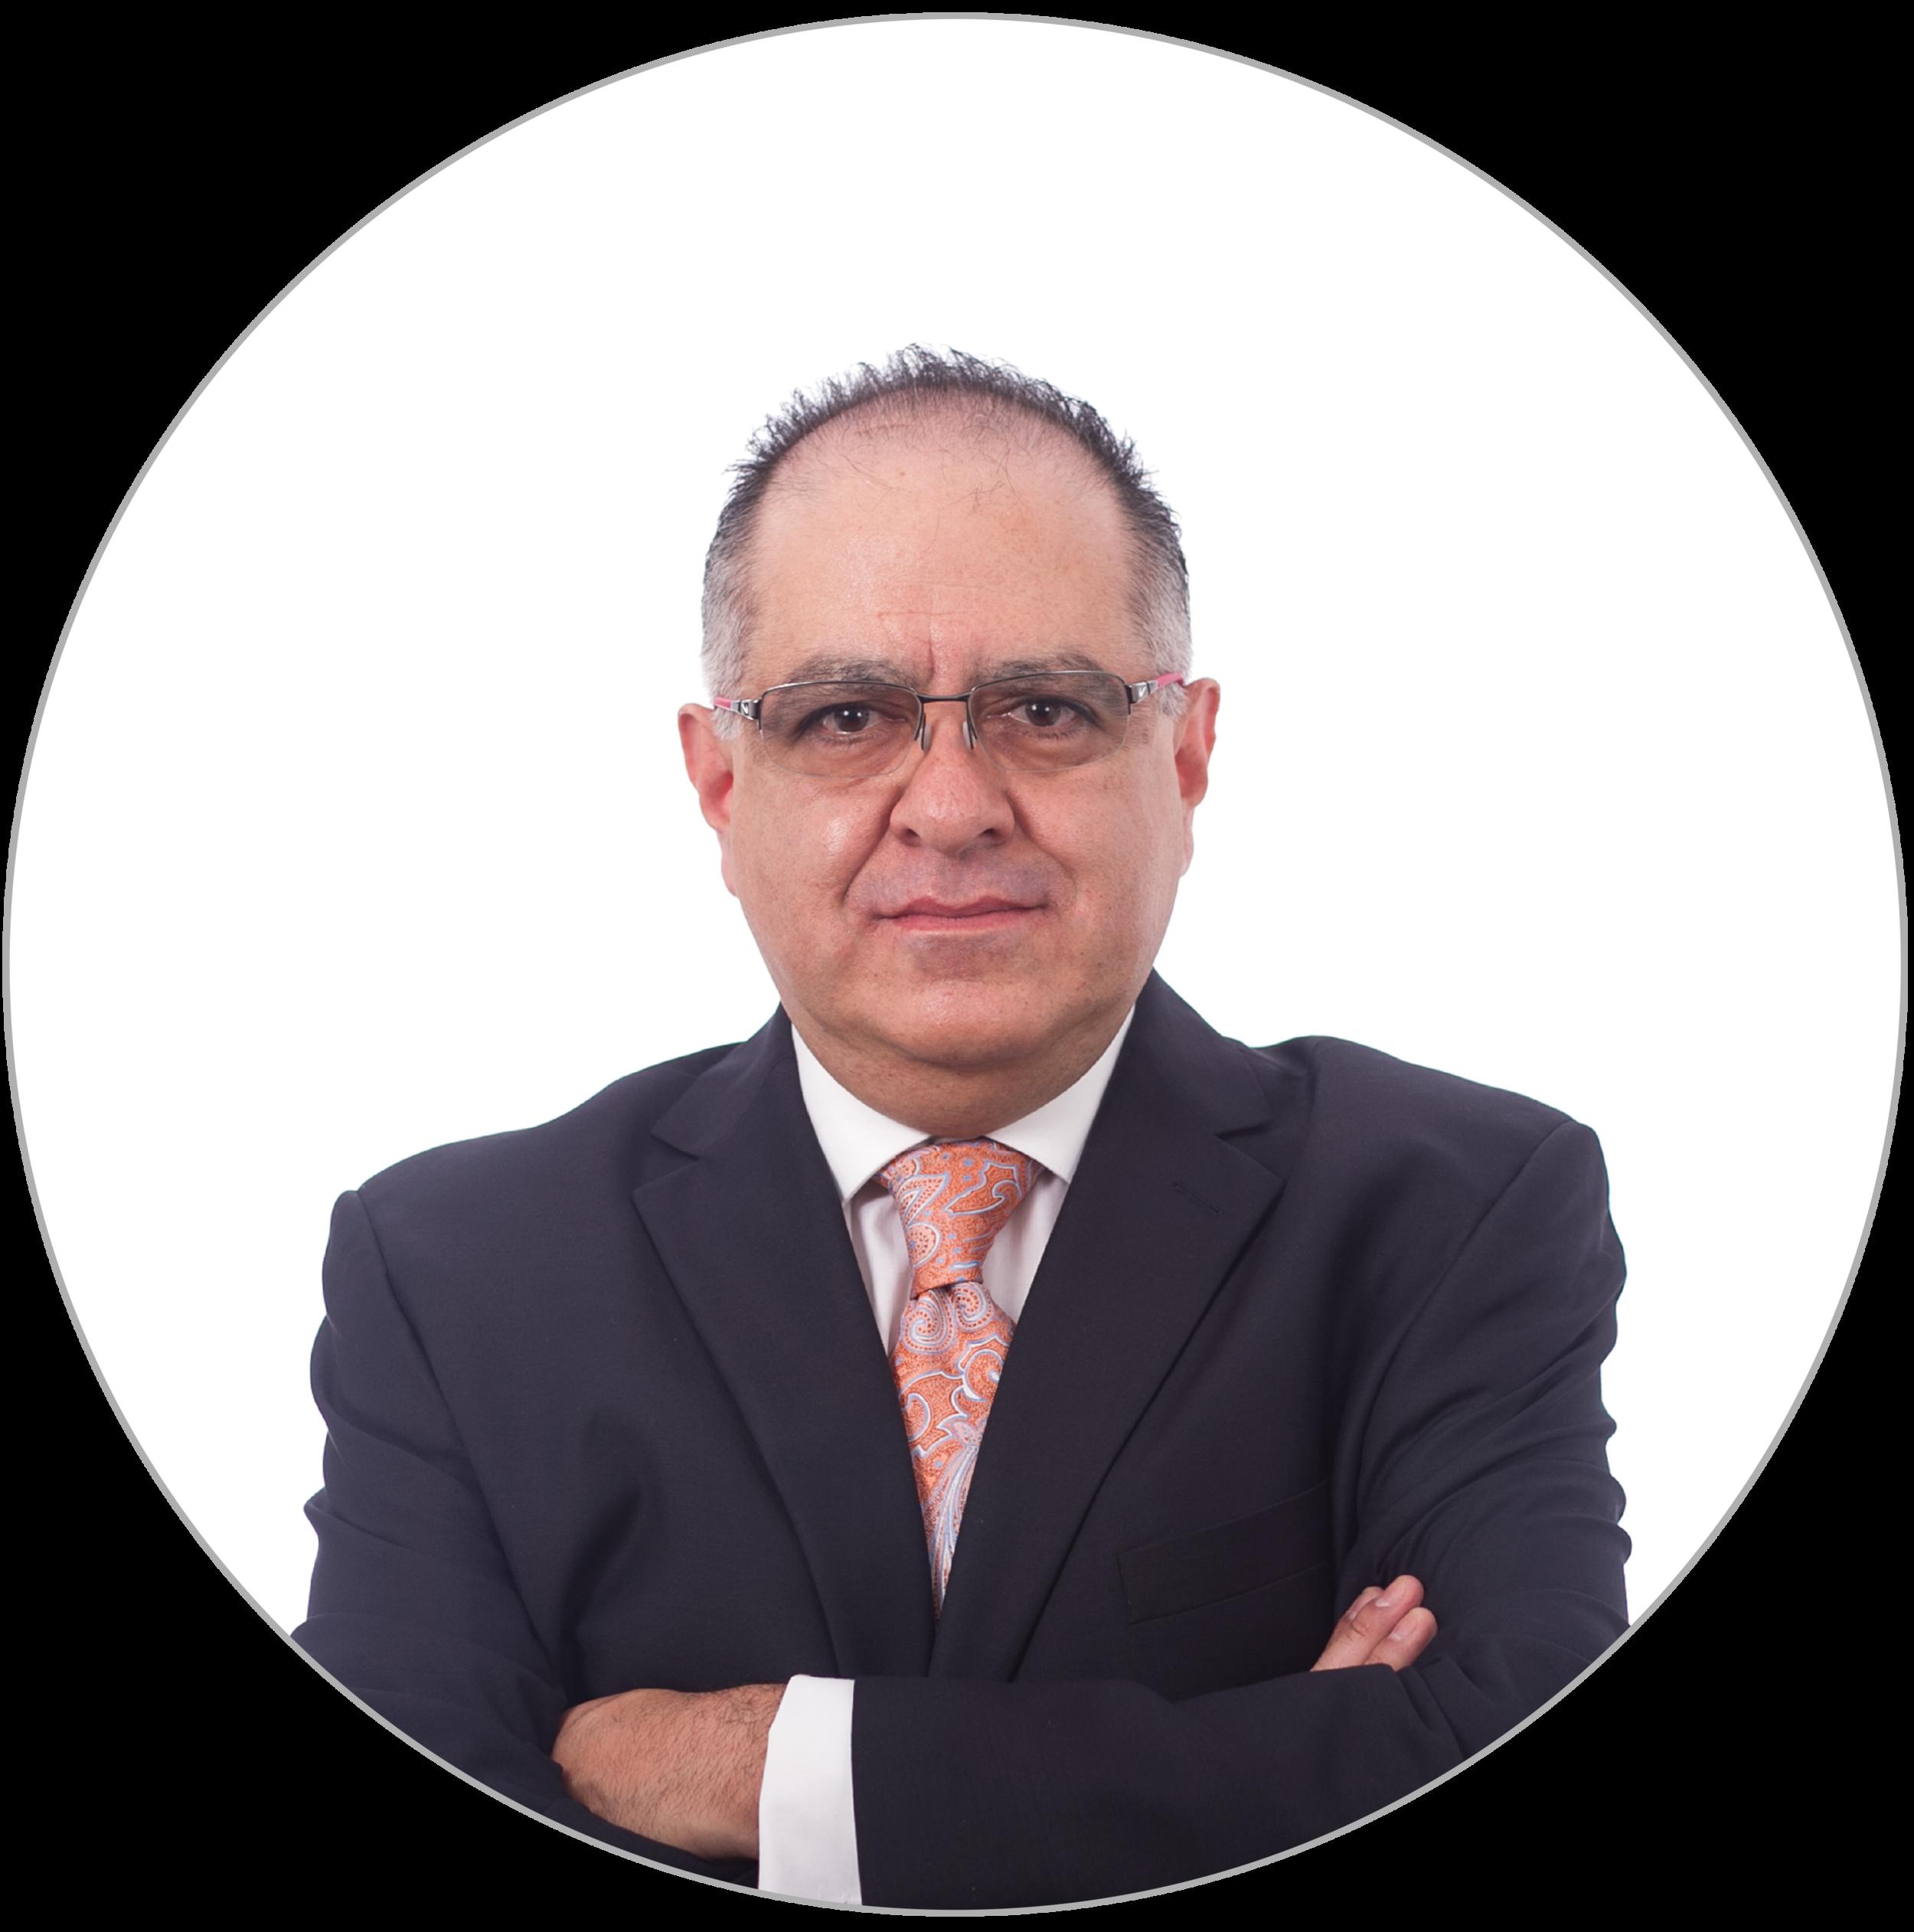 Ernesto Pierdras